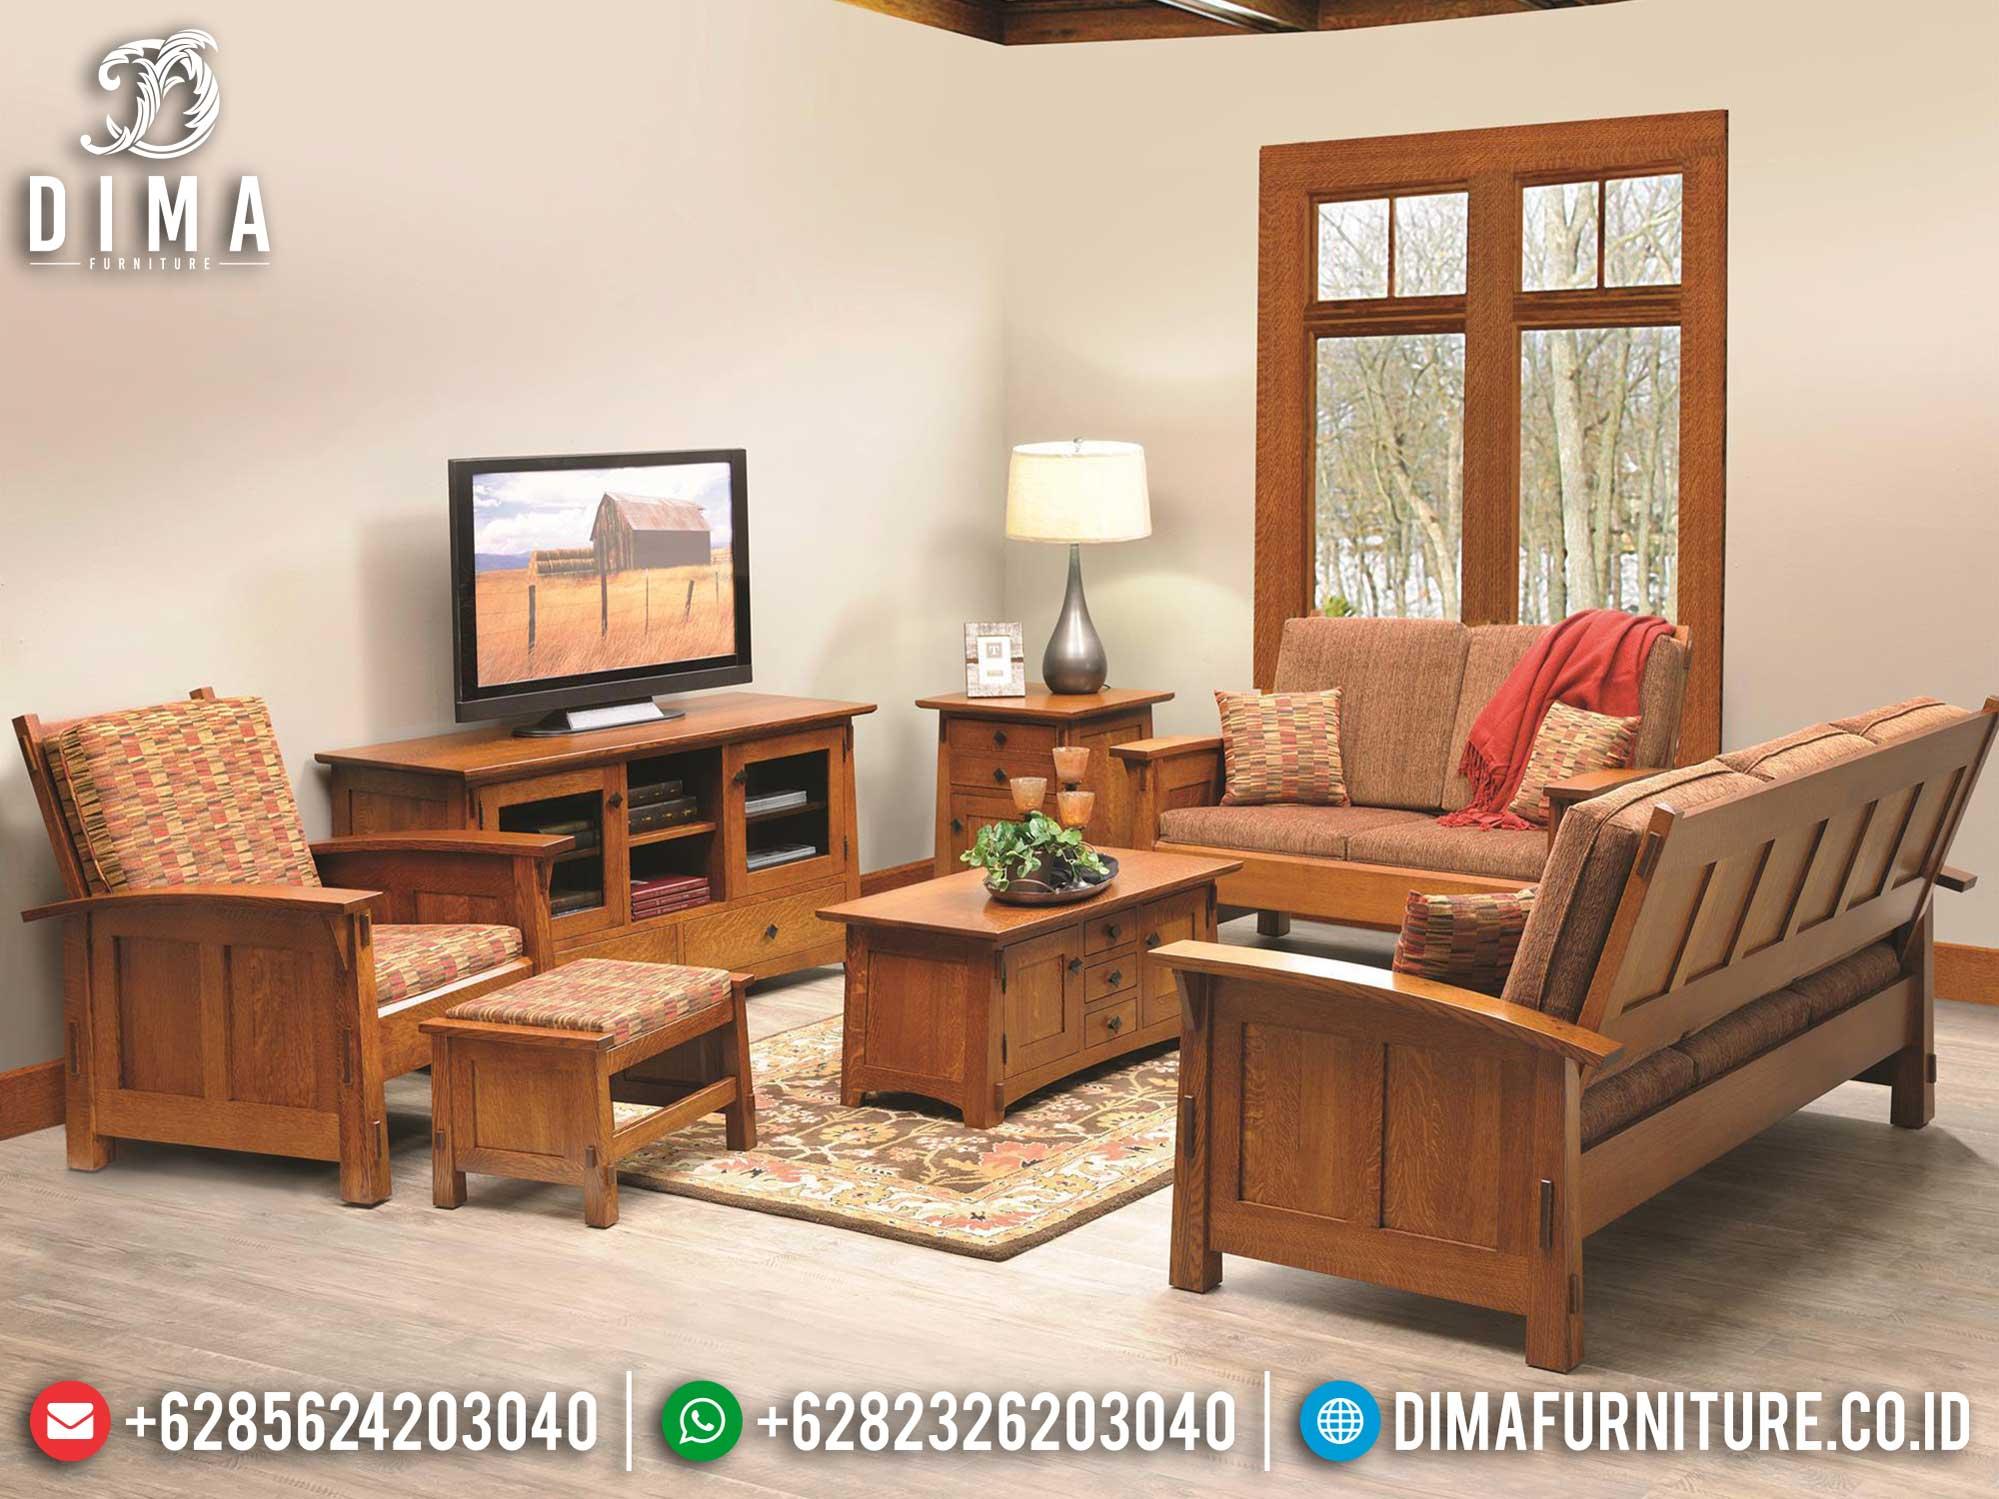 Sofa Tamu Minimalis Jati Natural Solid Wood Grade A Furniture Jepara ST-0991